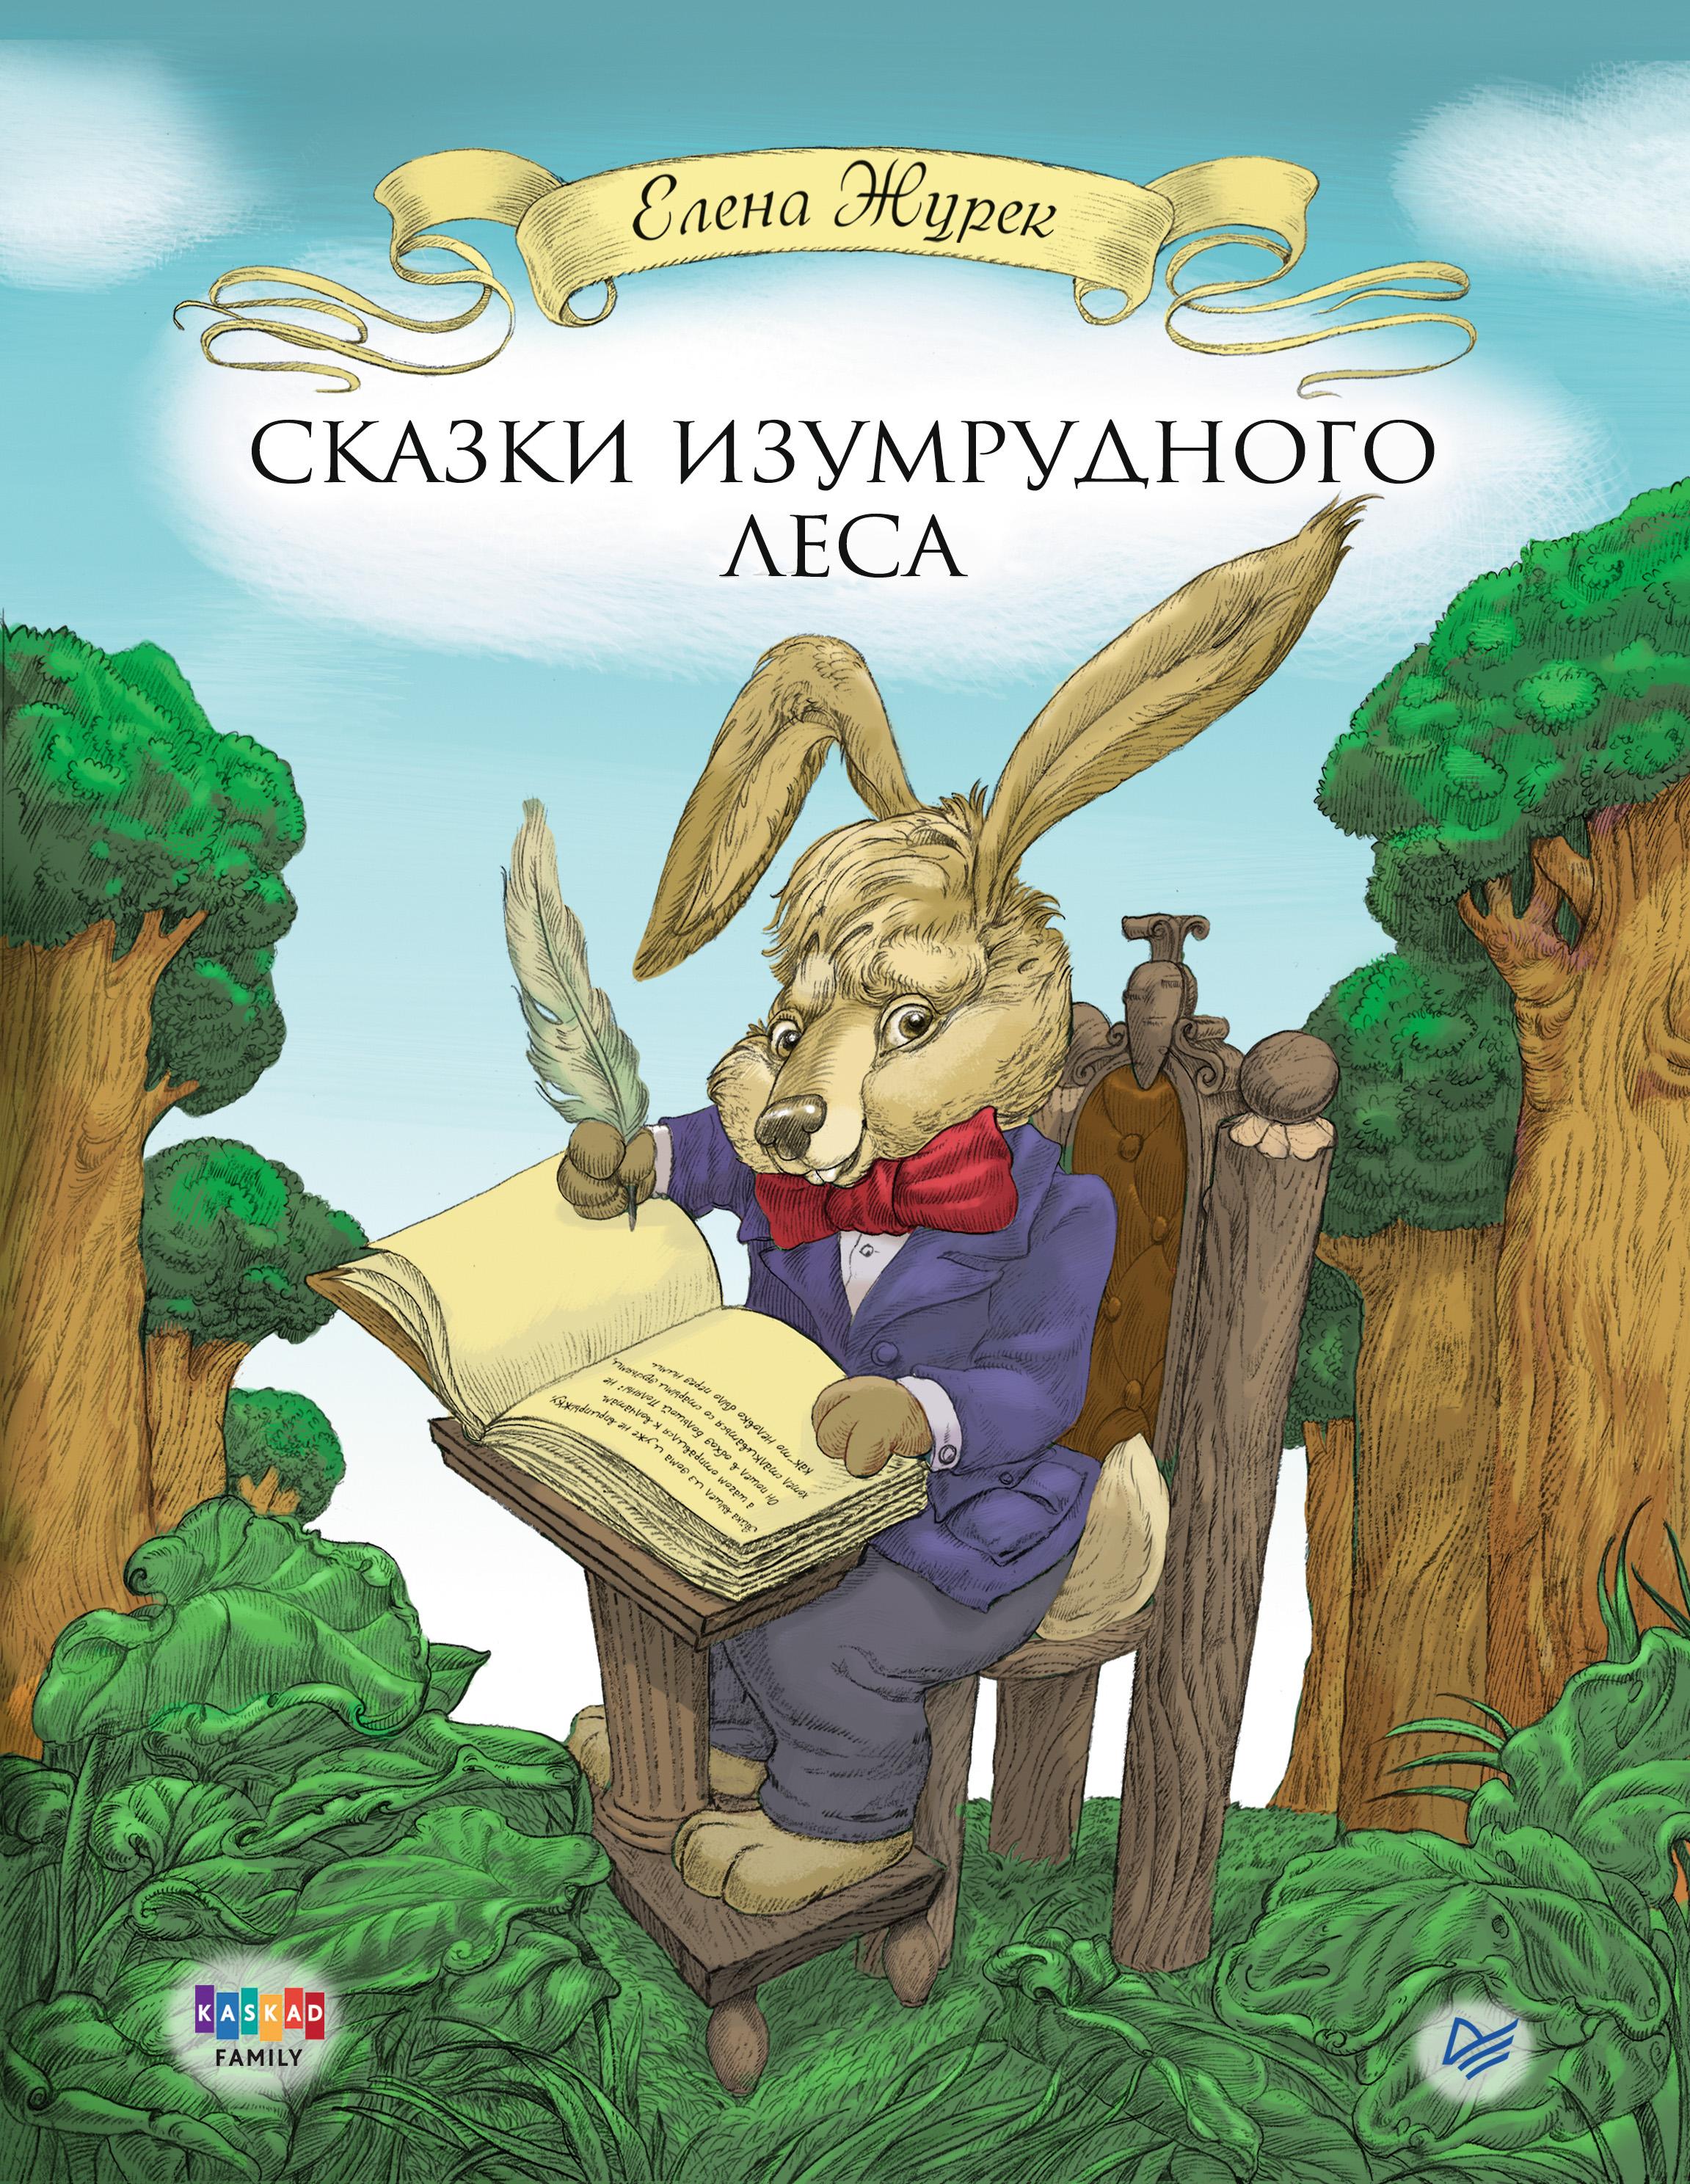 Елена Журек Сказки Изумрудного Леса елена пушкина волшебный огород бабушки ярины невероятные приключения родничка